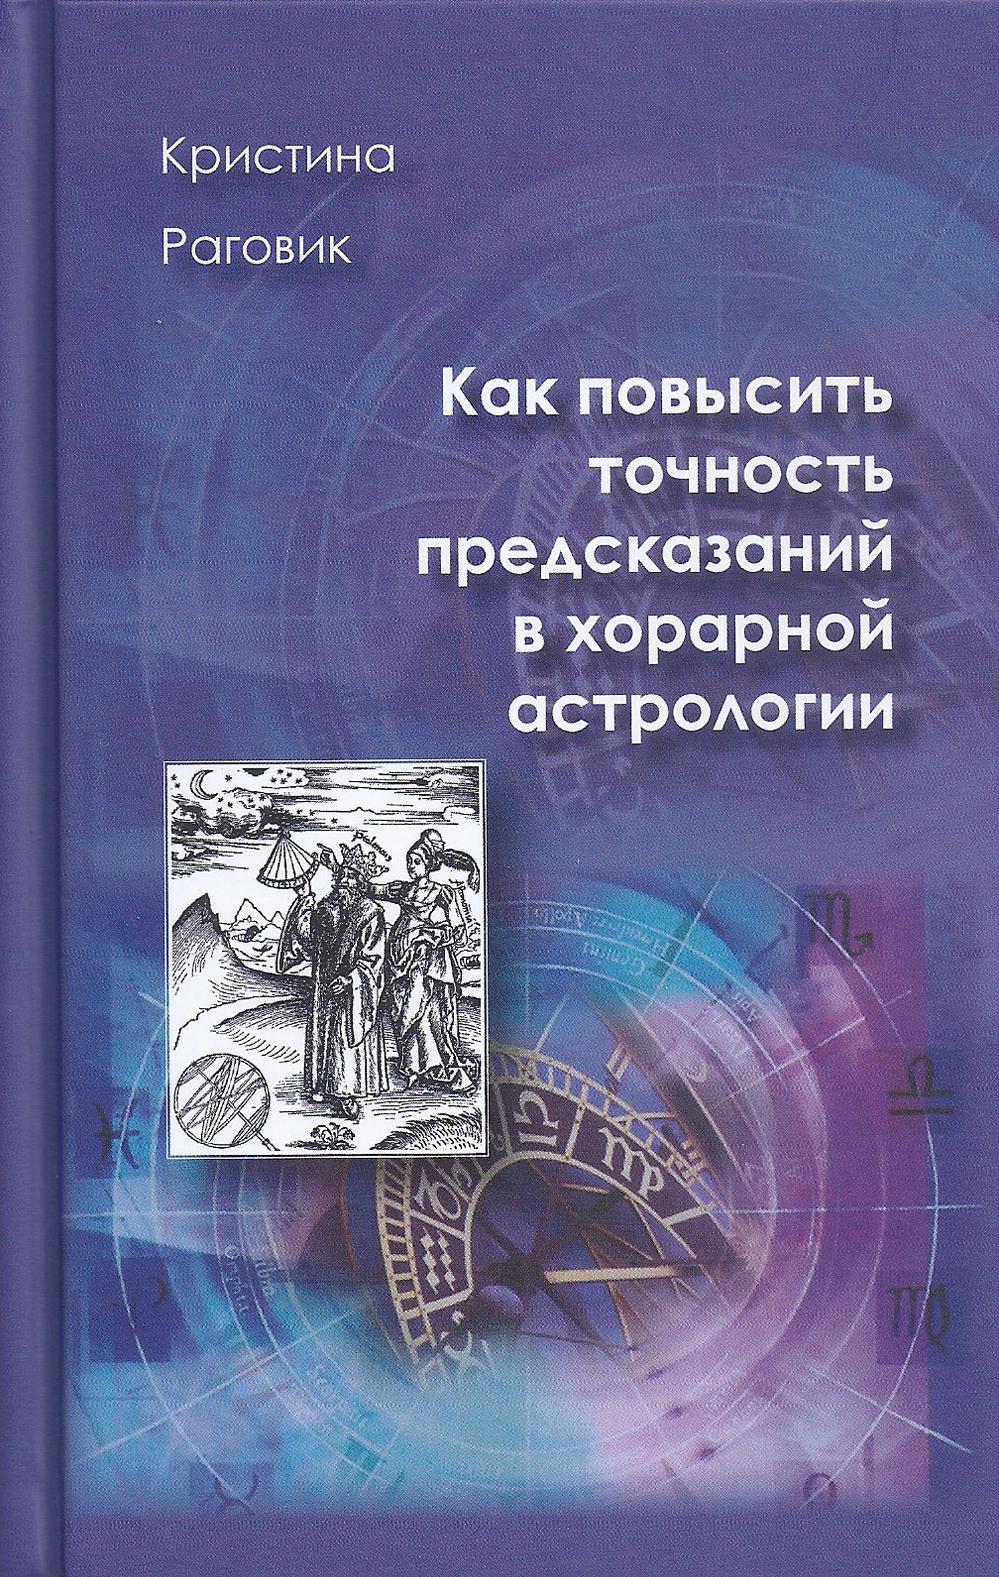 Kak povysit tochnost predskazanij v khorarnoj astrologii